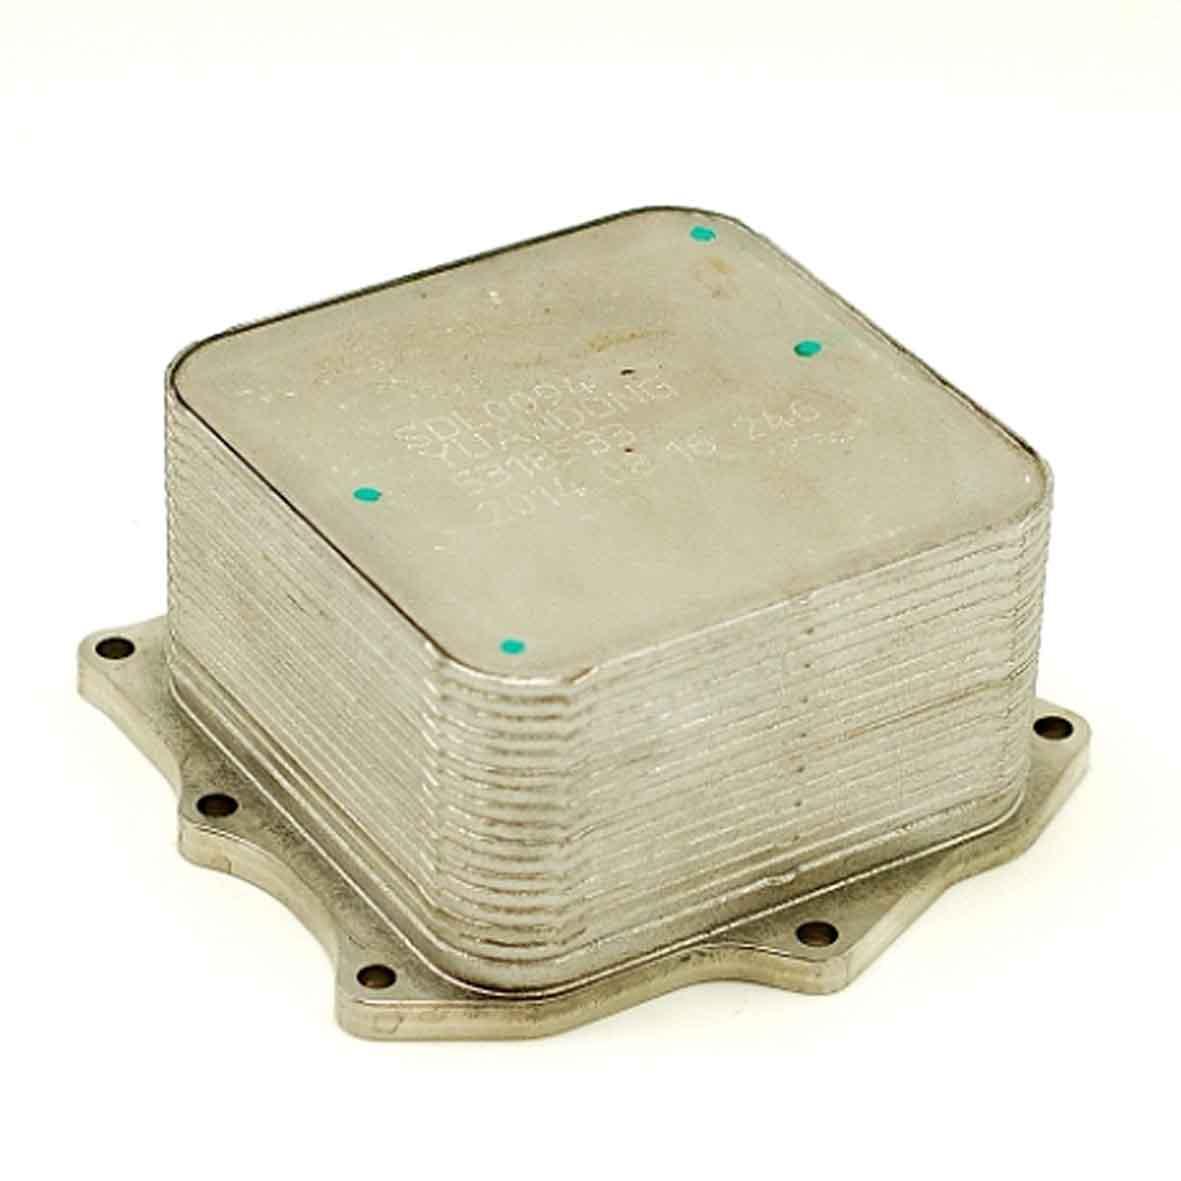 Теплообменник камминз 2.8 фото скачать чертёж трубчатого теплообменника